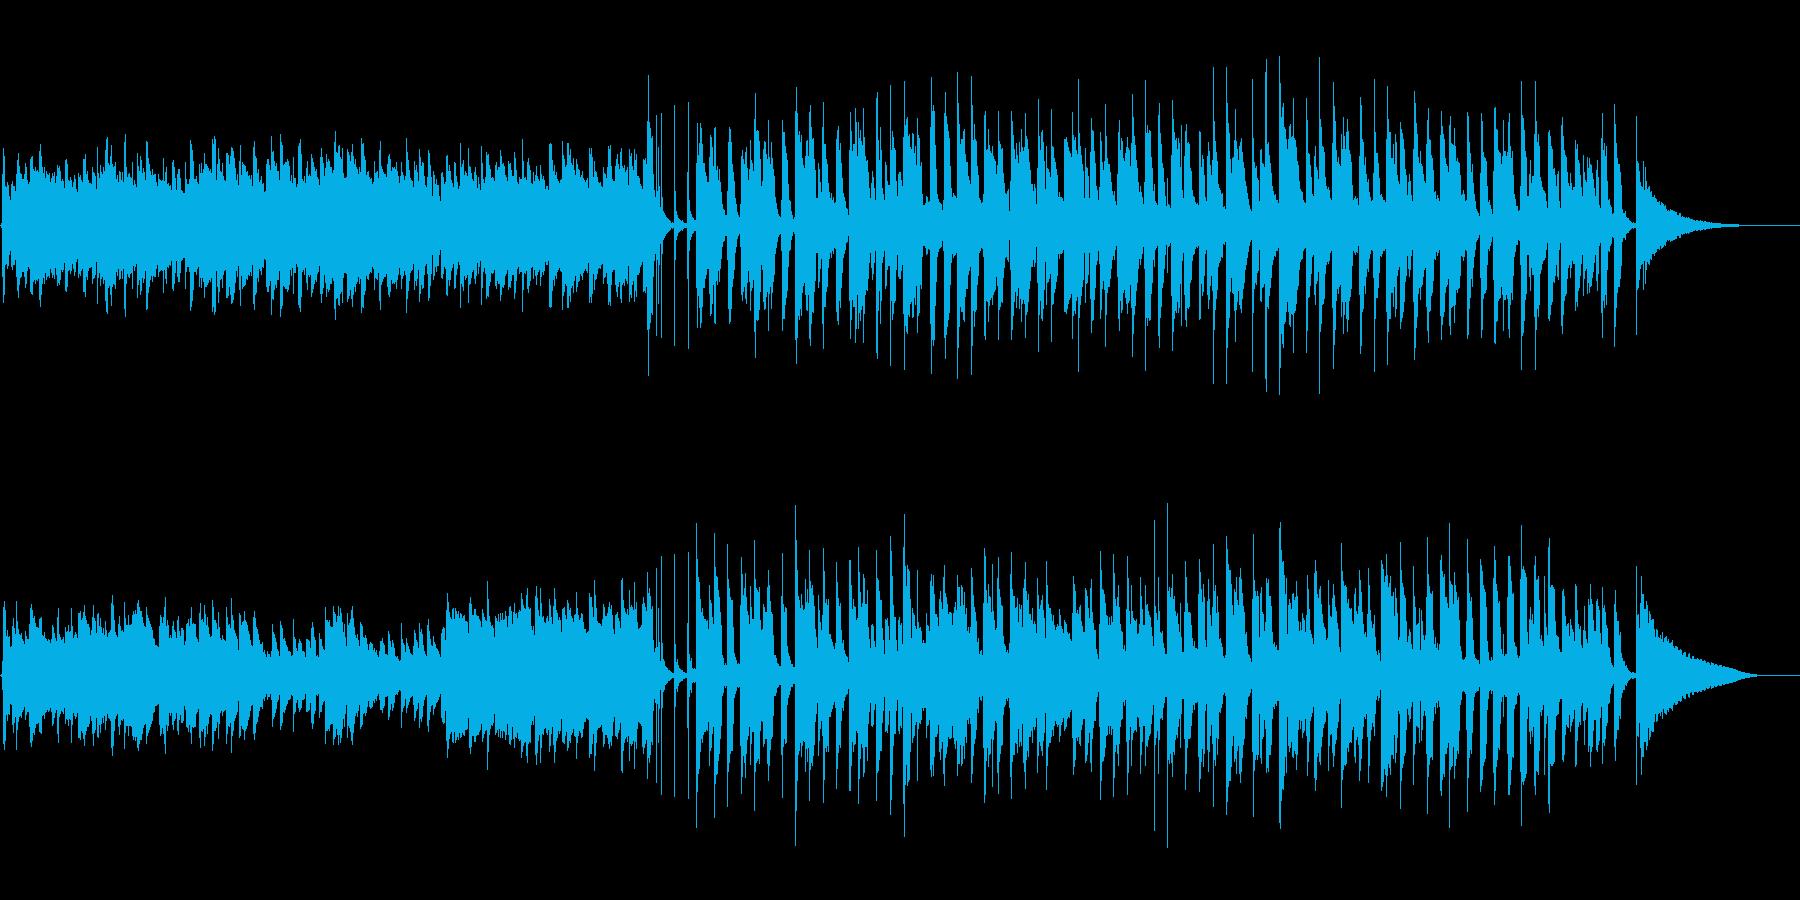 ほんわか 楽しい 温かい アコギの再生済みの波形